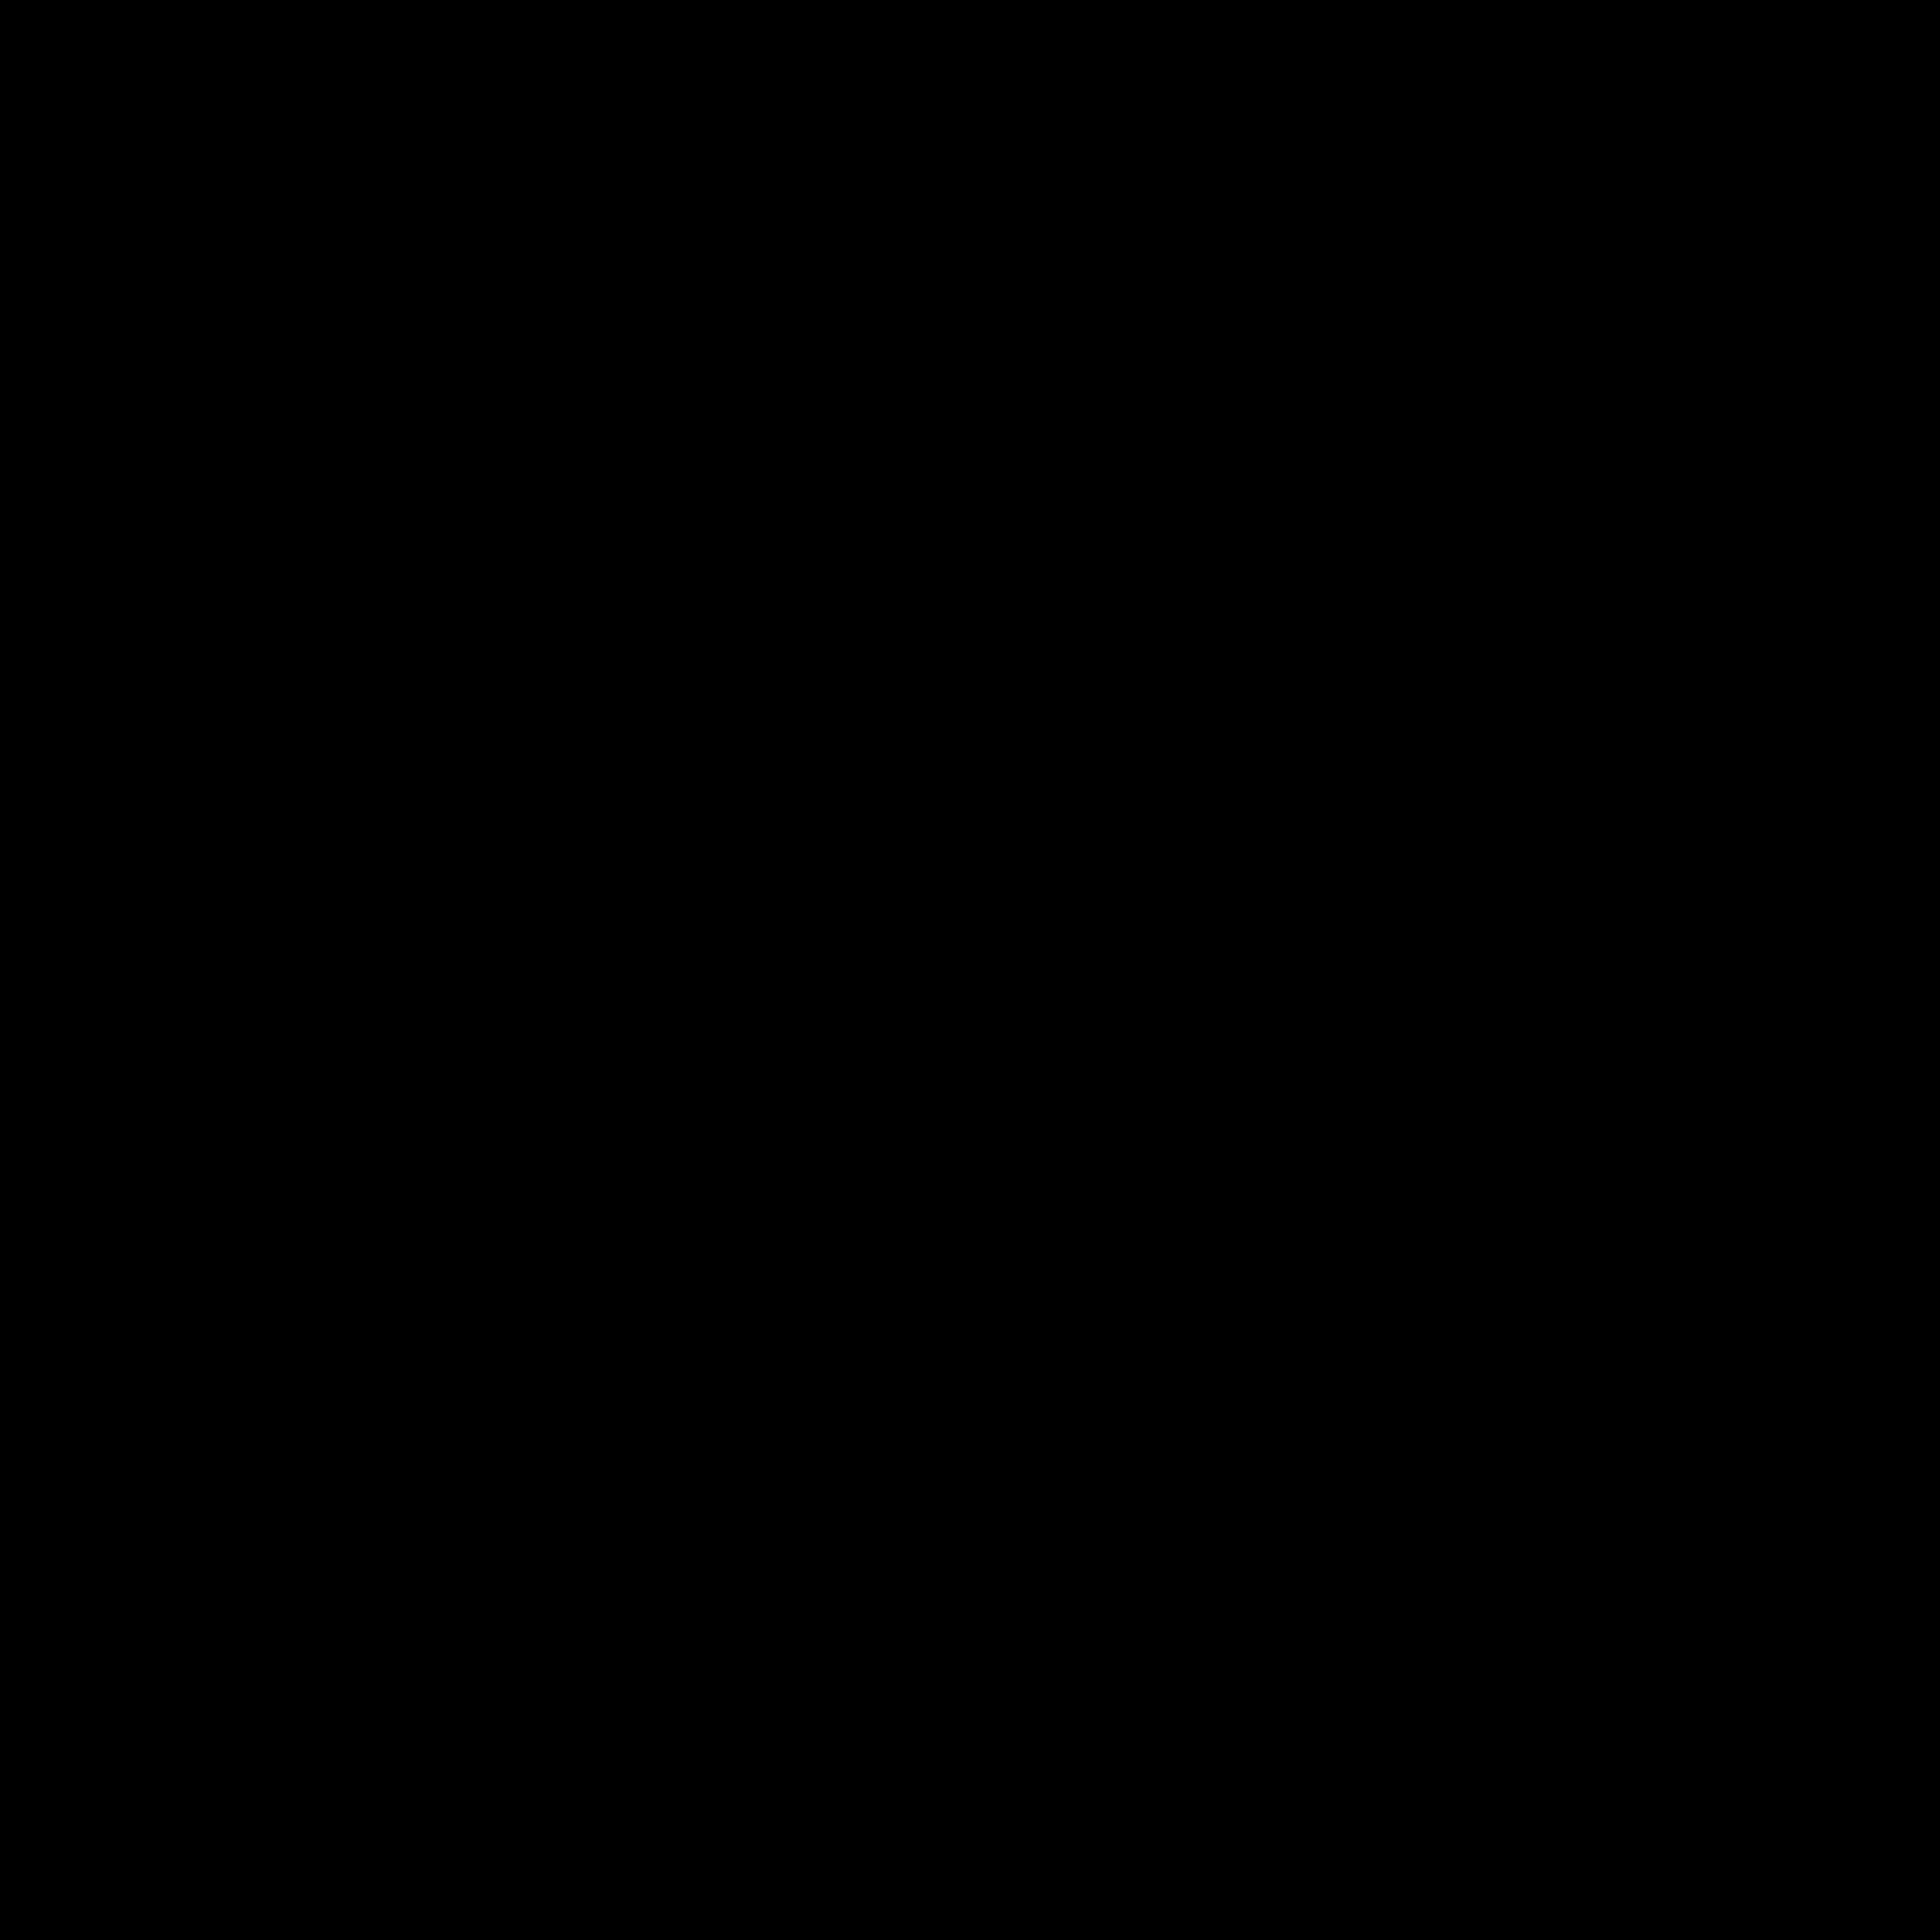 Конструктор LEGO Friends Горнолыжный курорт: подъёмник (41324) фото